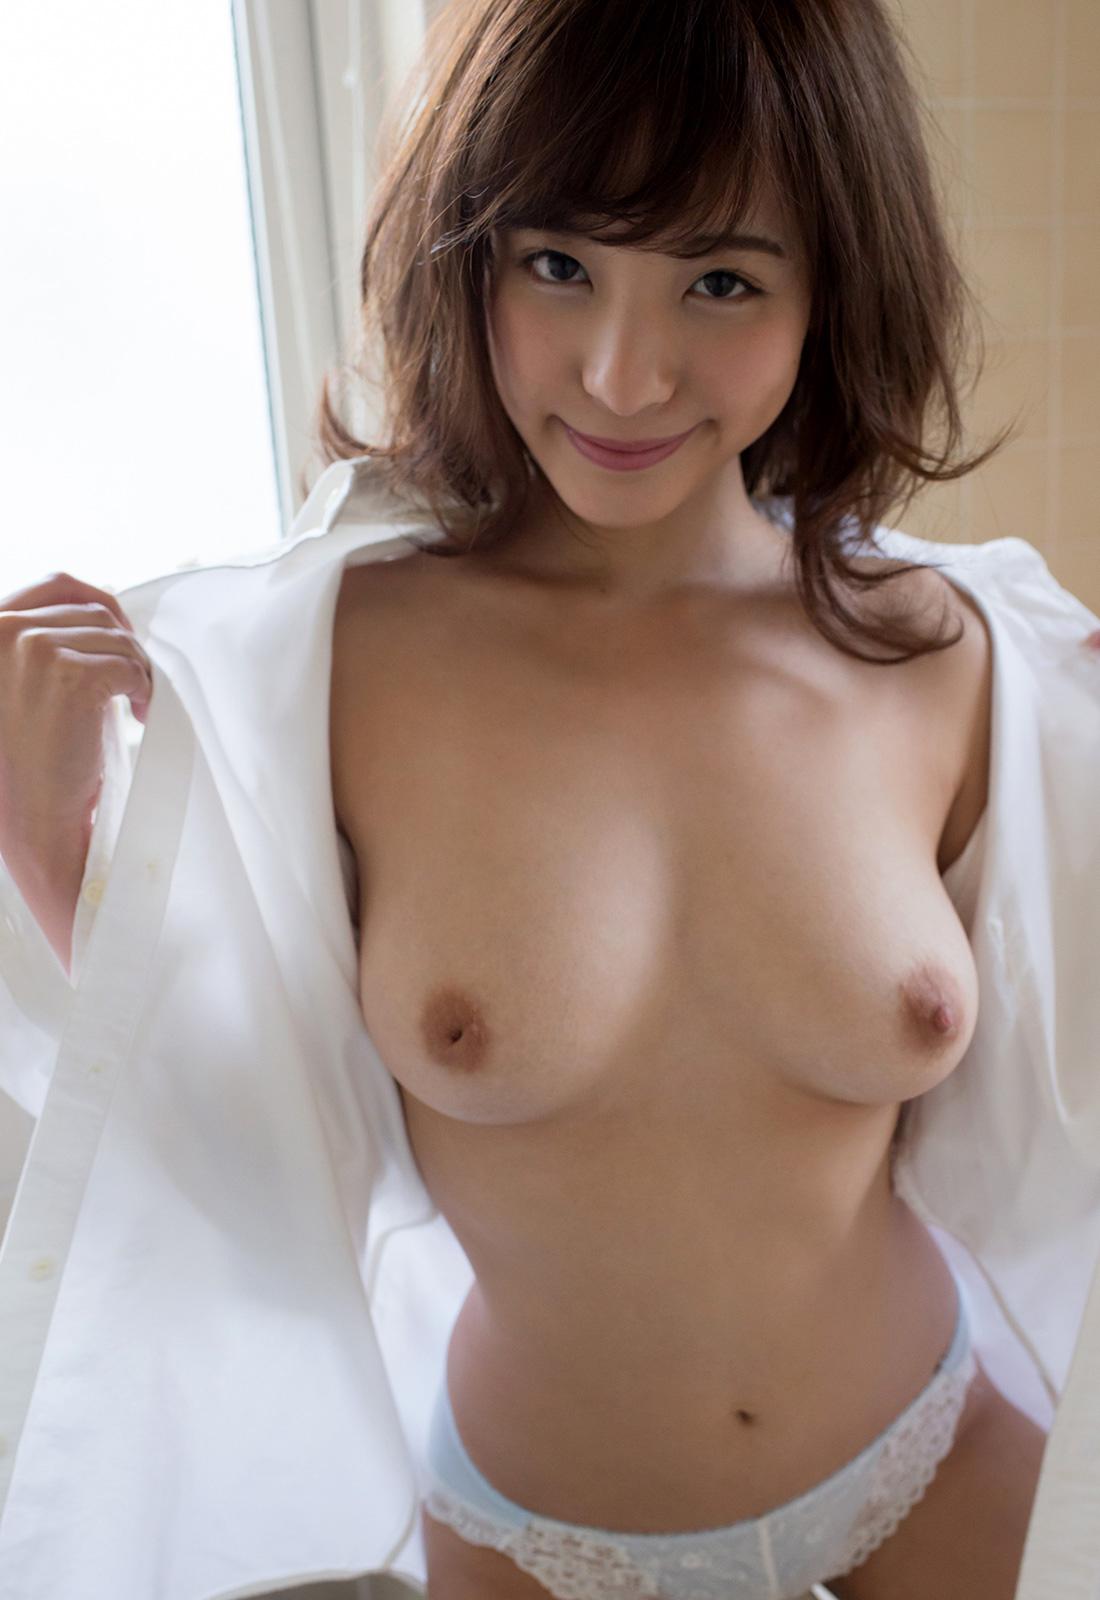 桃乃木かな 陥没乳首にFカップの美巨乳おっぱいにしゃぶりつきたくなる